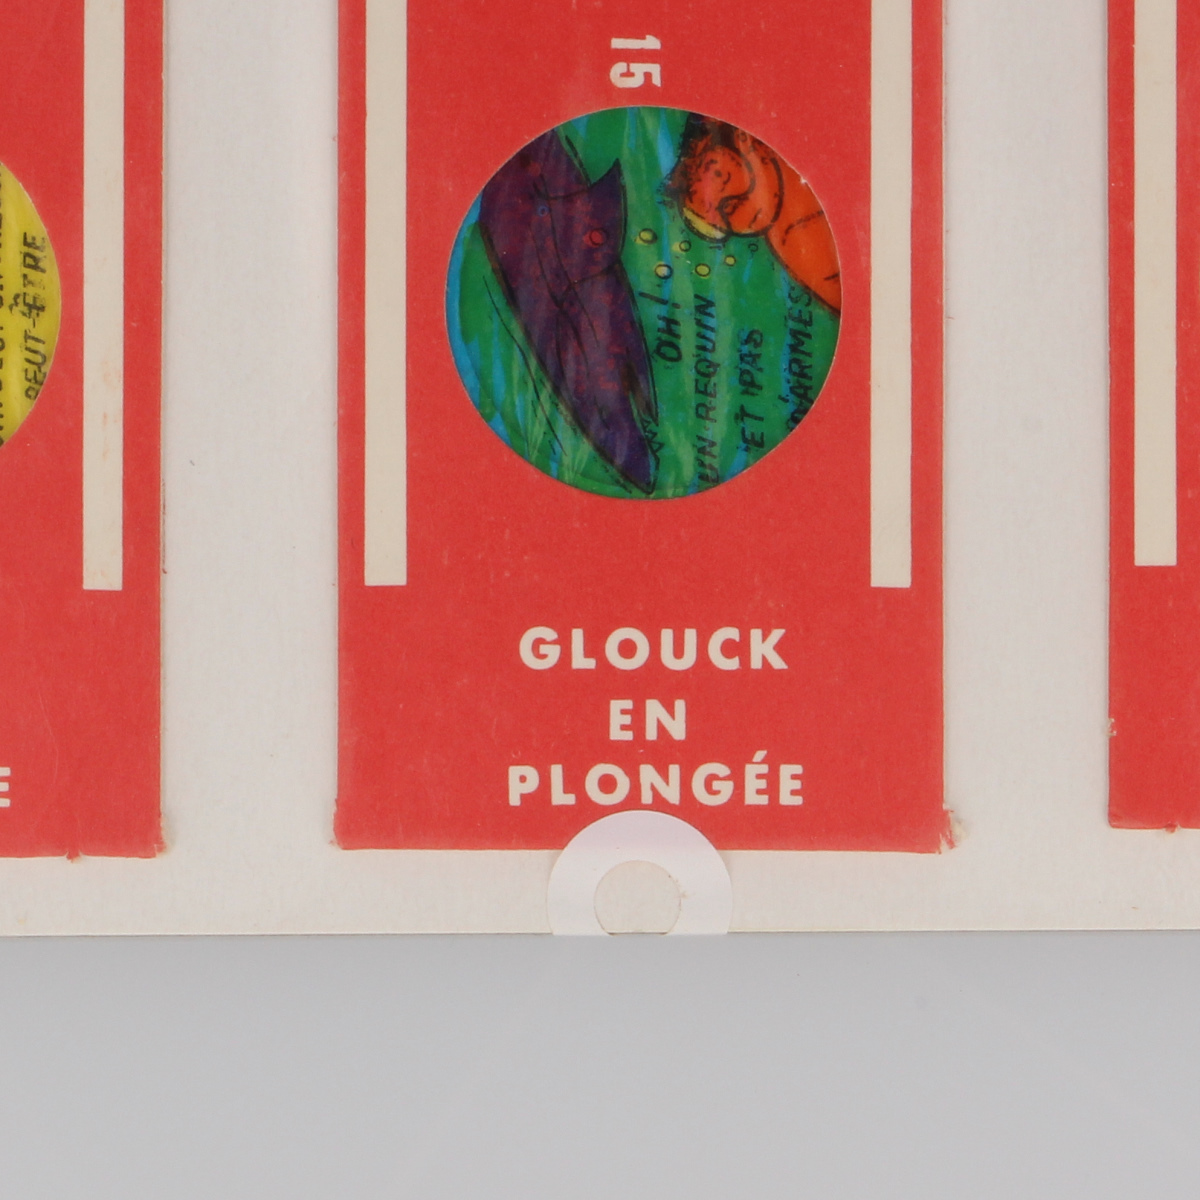 Afbeeldingen van Cinébana - Glouck en plongée